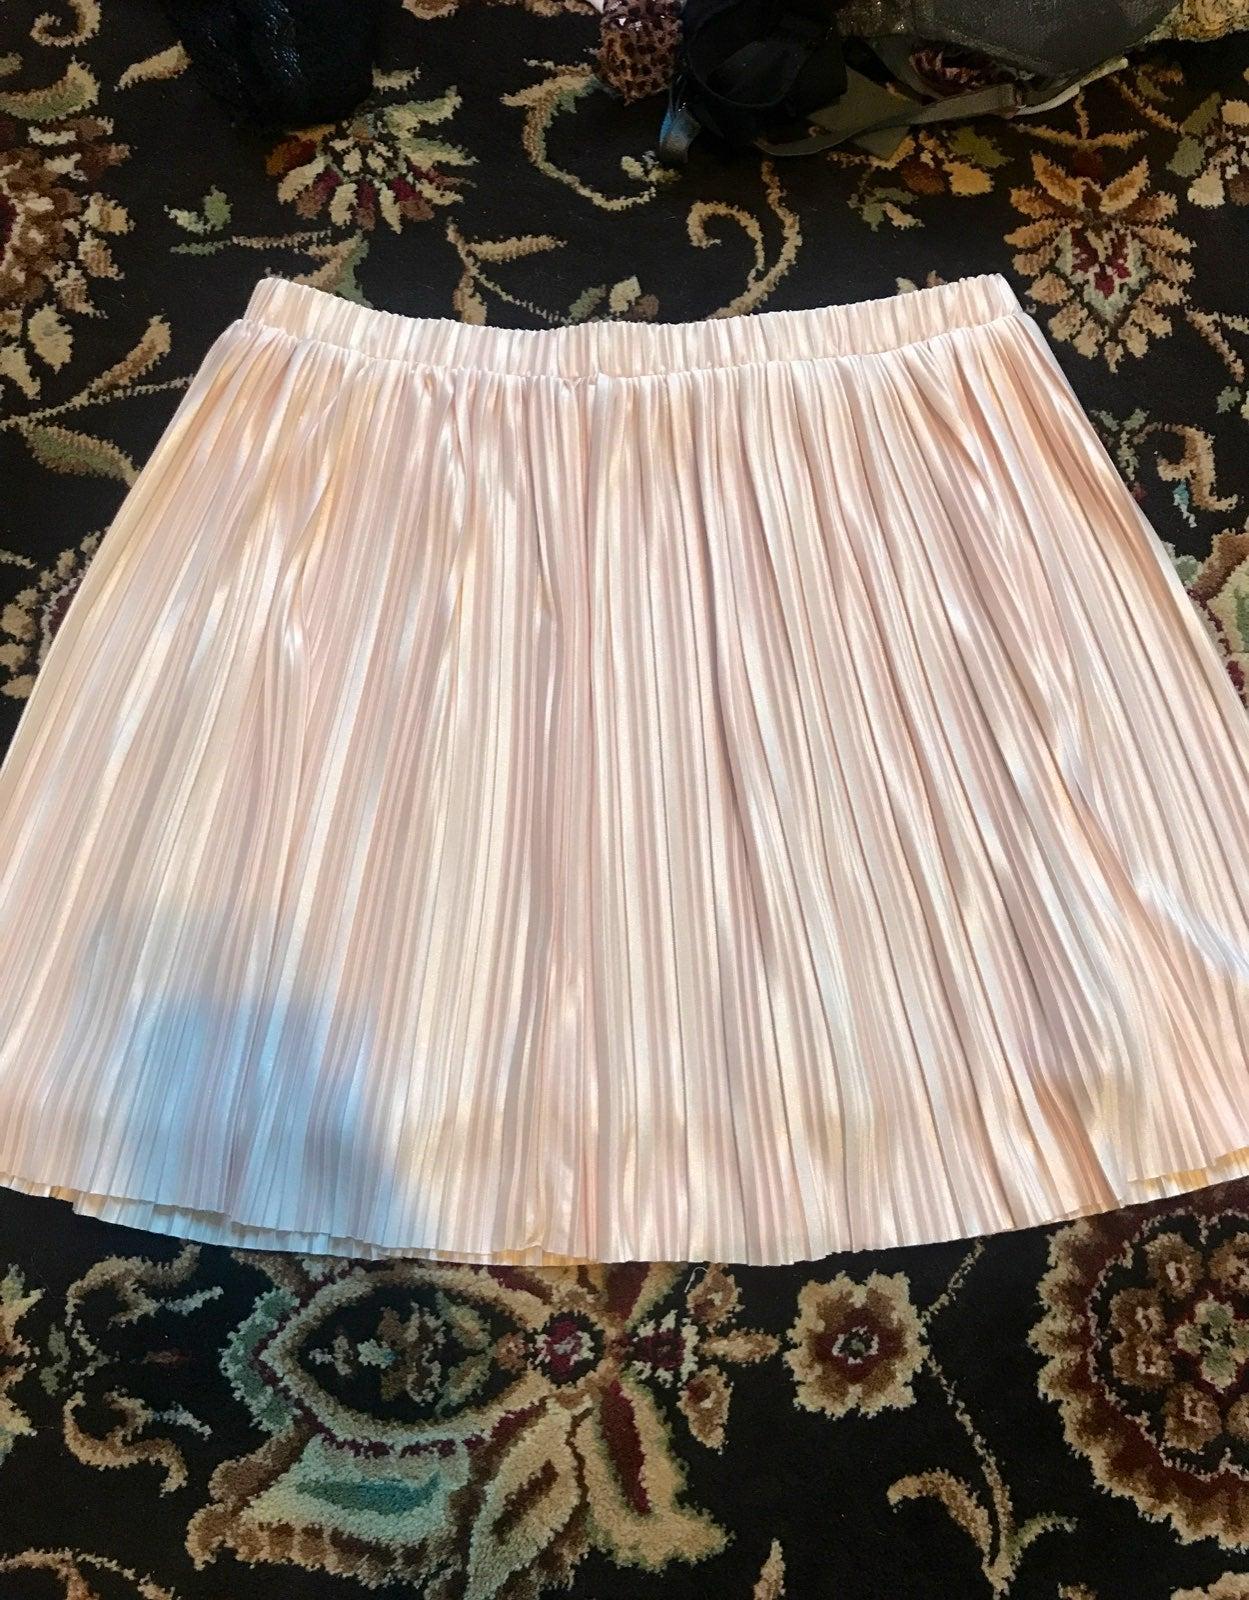 Skirt from Nordstrom